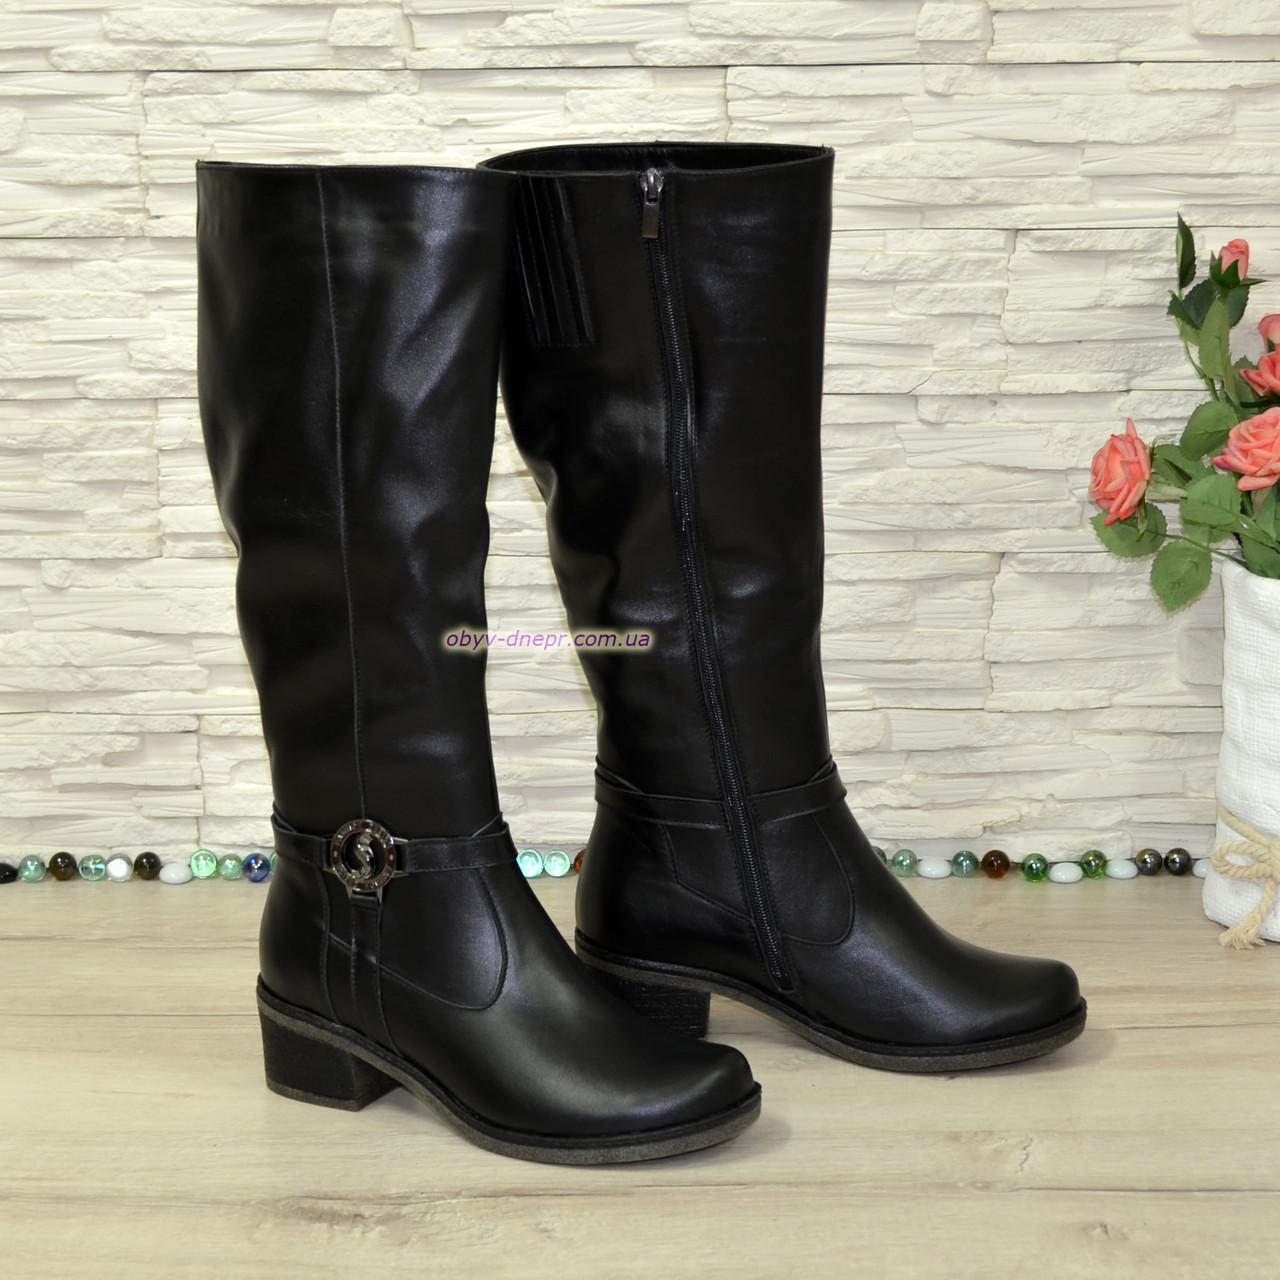 Сапоги кожаные зимние на устойчивом каблуке